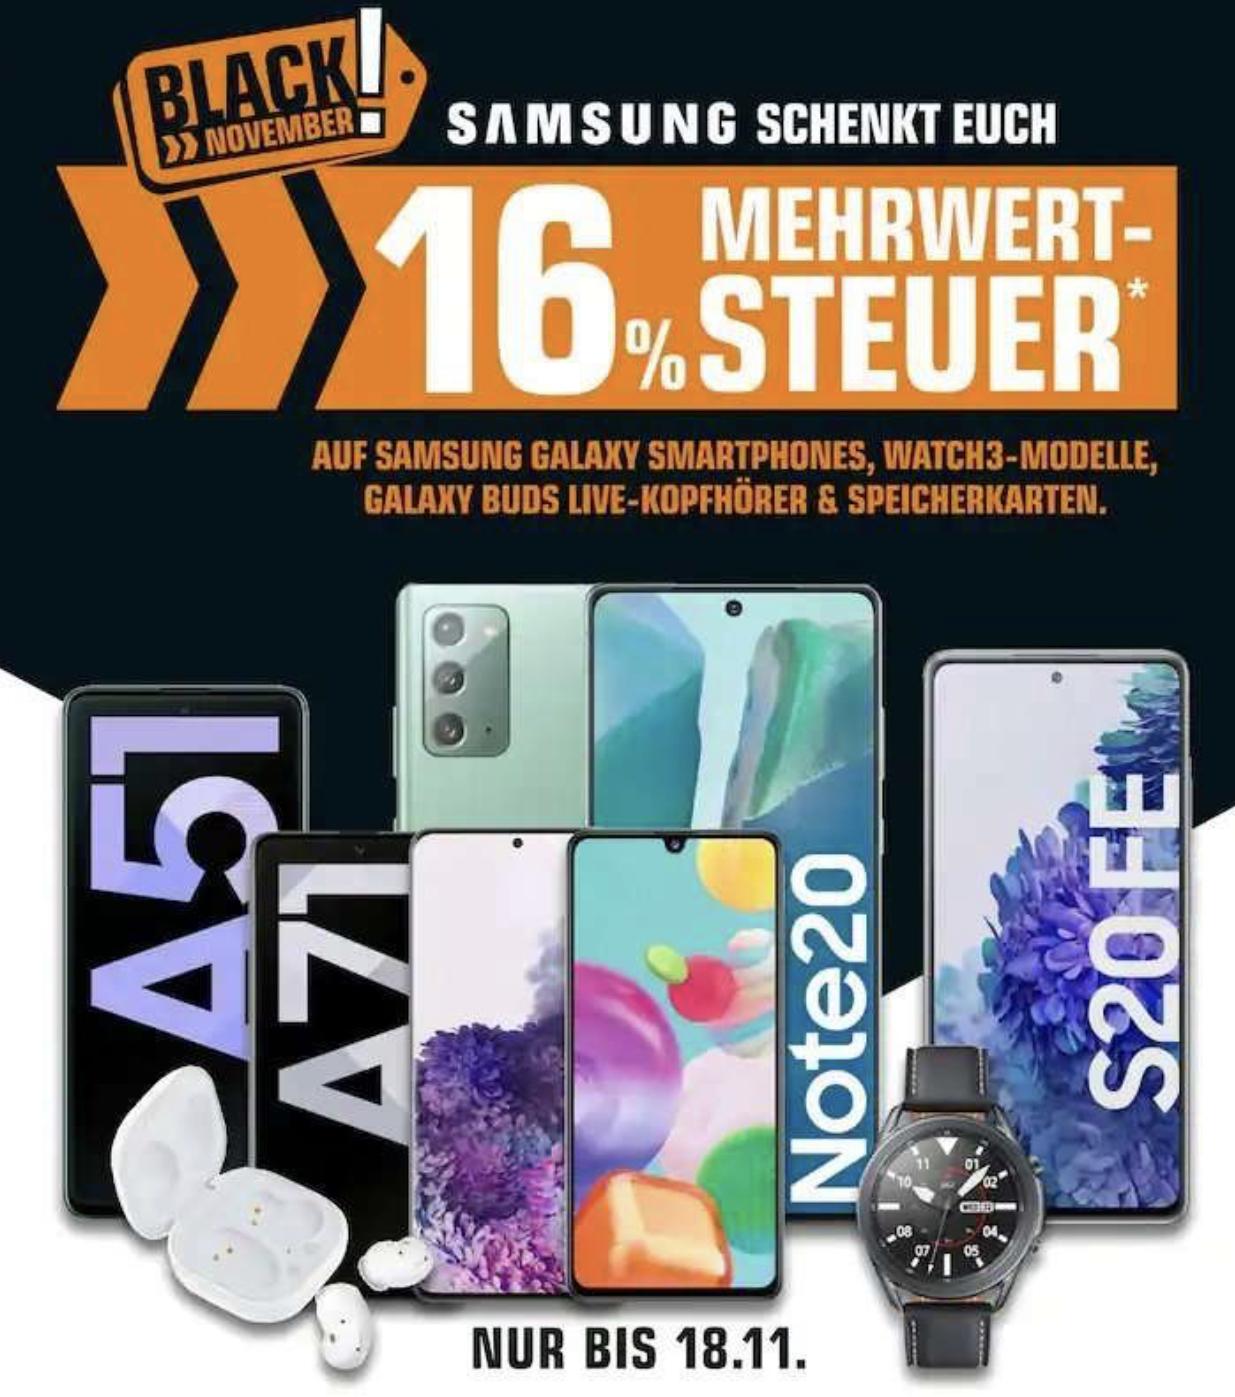 SATURN: 16% Mwst. geschenkt auf Samsung Galaxy Smartphones, Watch3 Modelle, Speicherkarten usw. (=13,793% Rabatt)